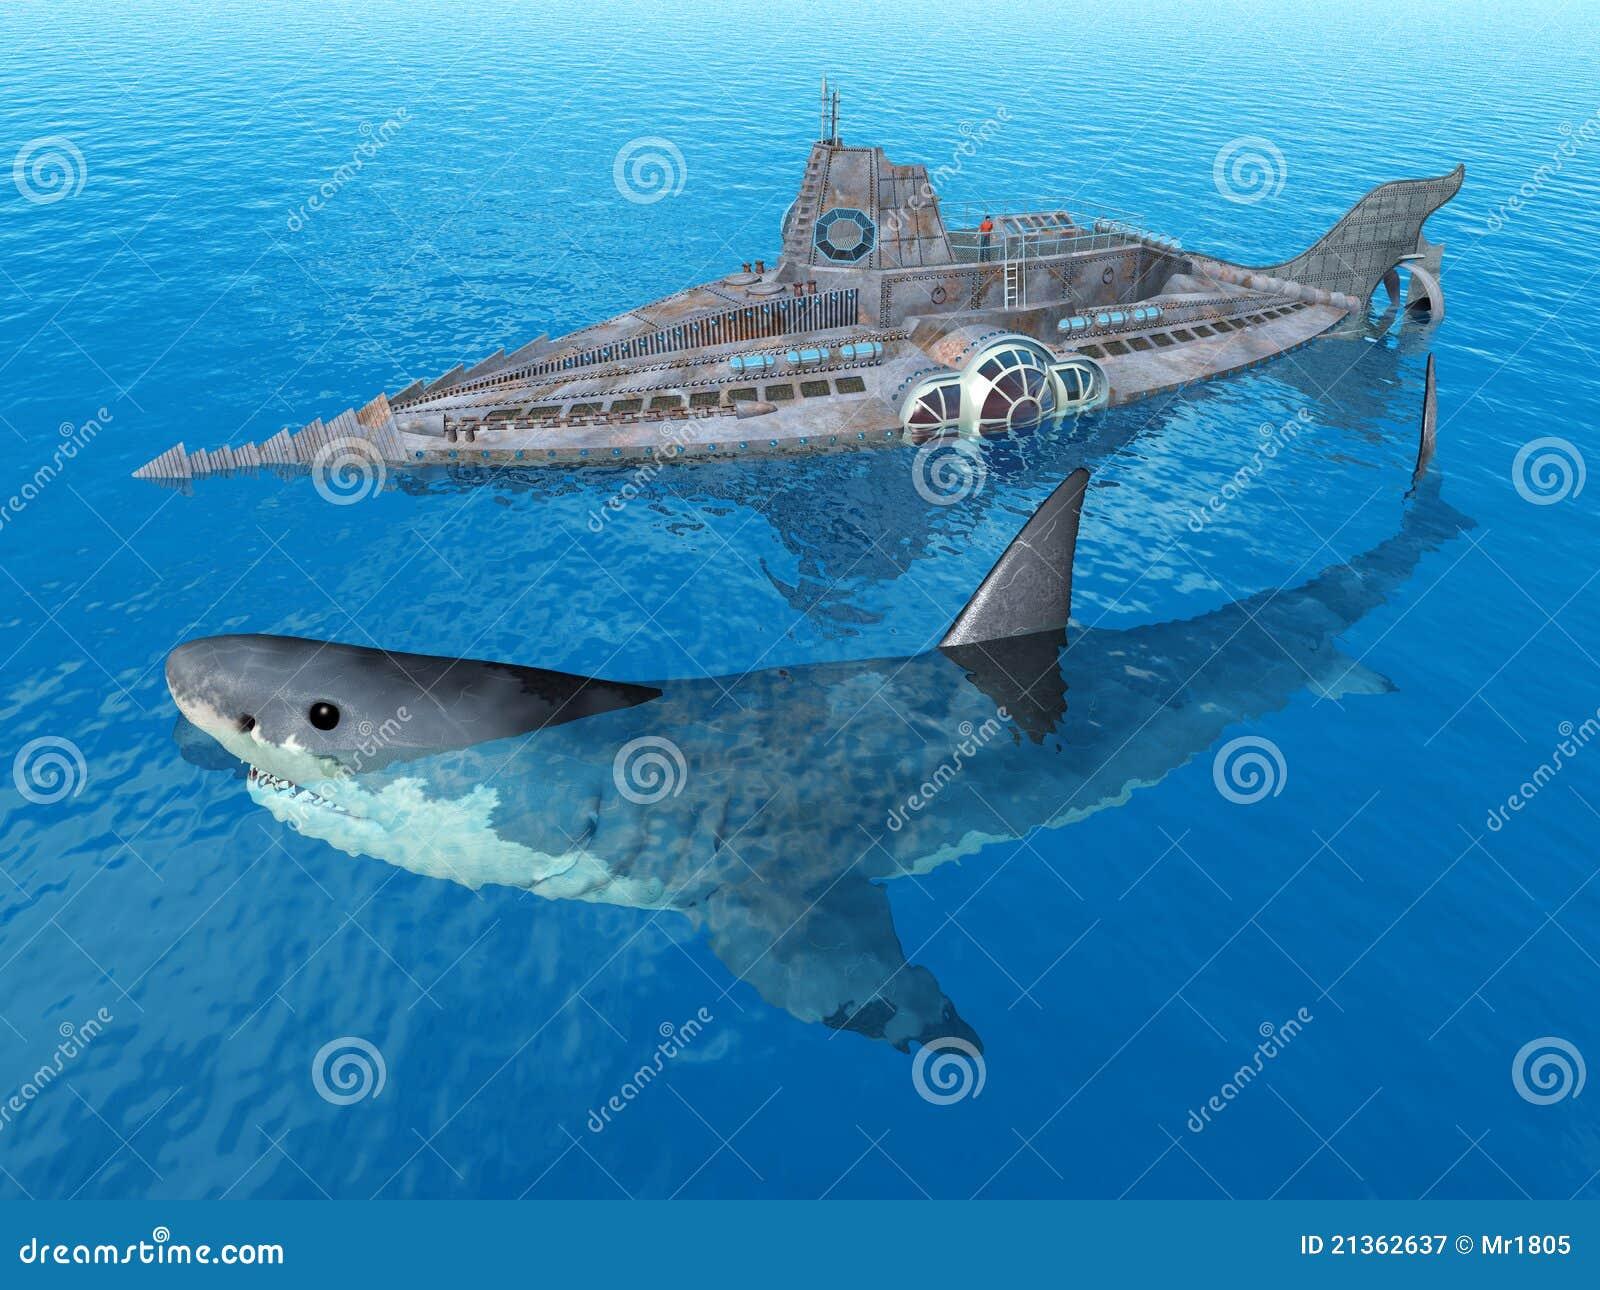 Great white shark submarine